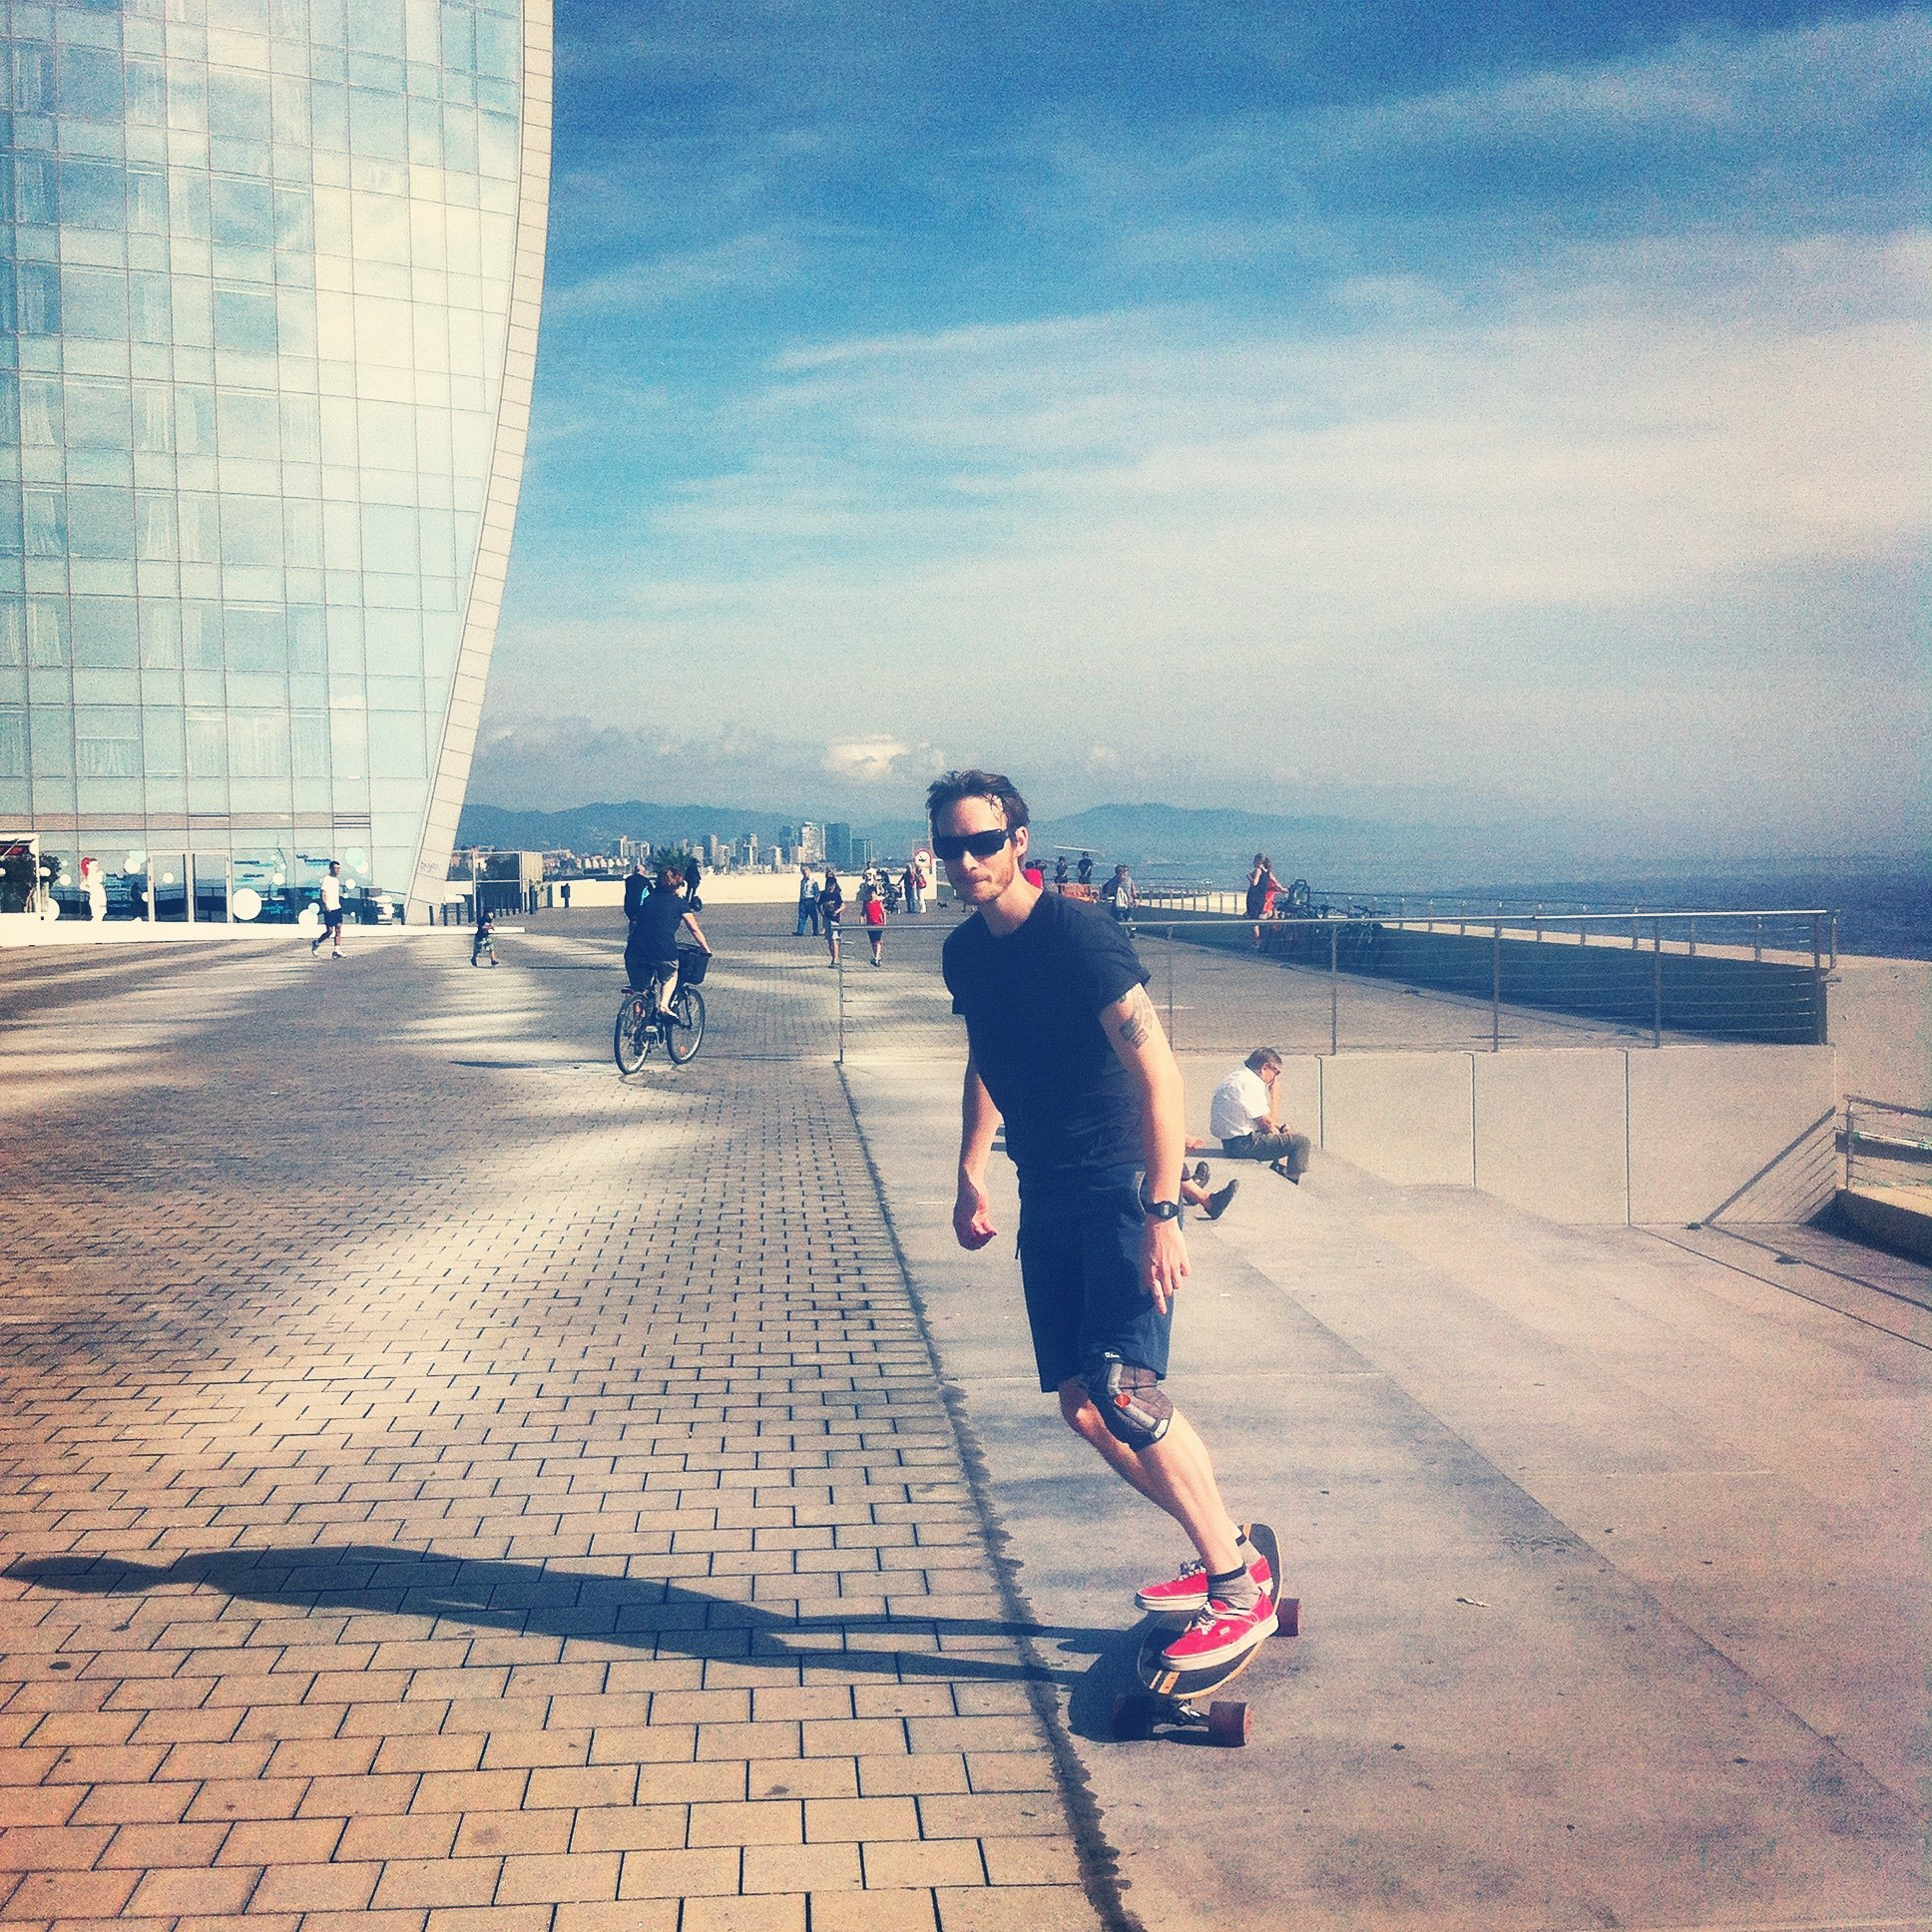 Longboarding near the W Hotel in Barcelona